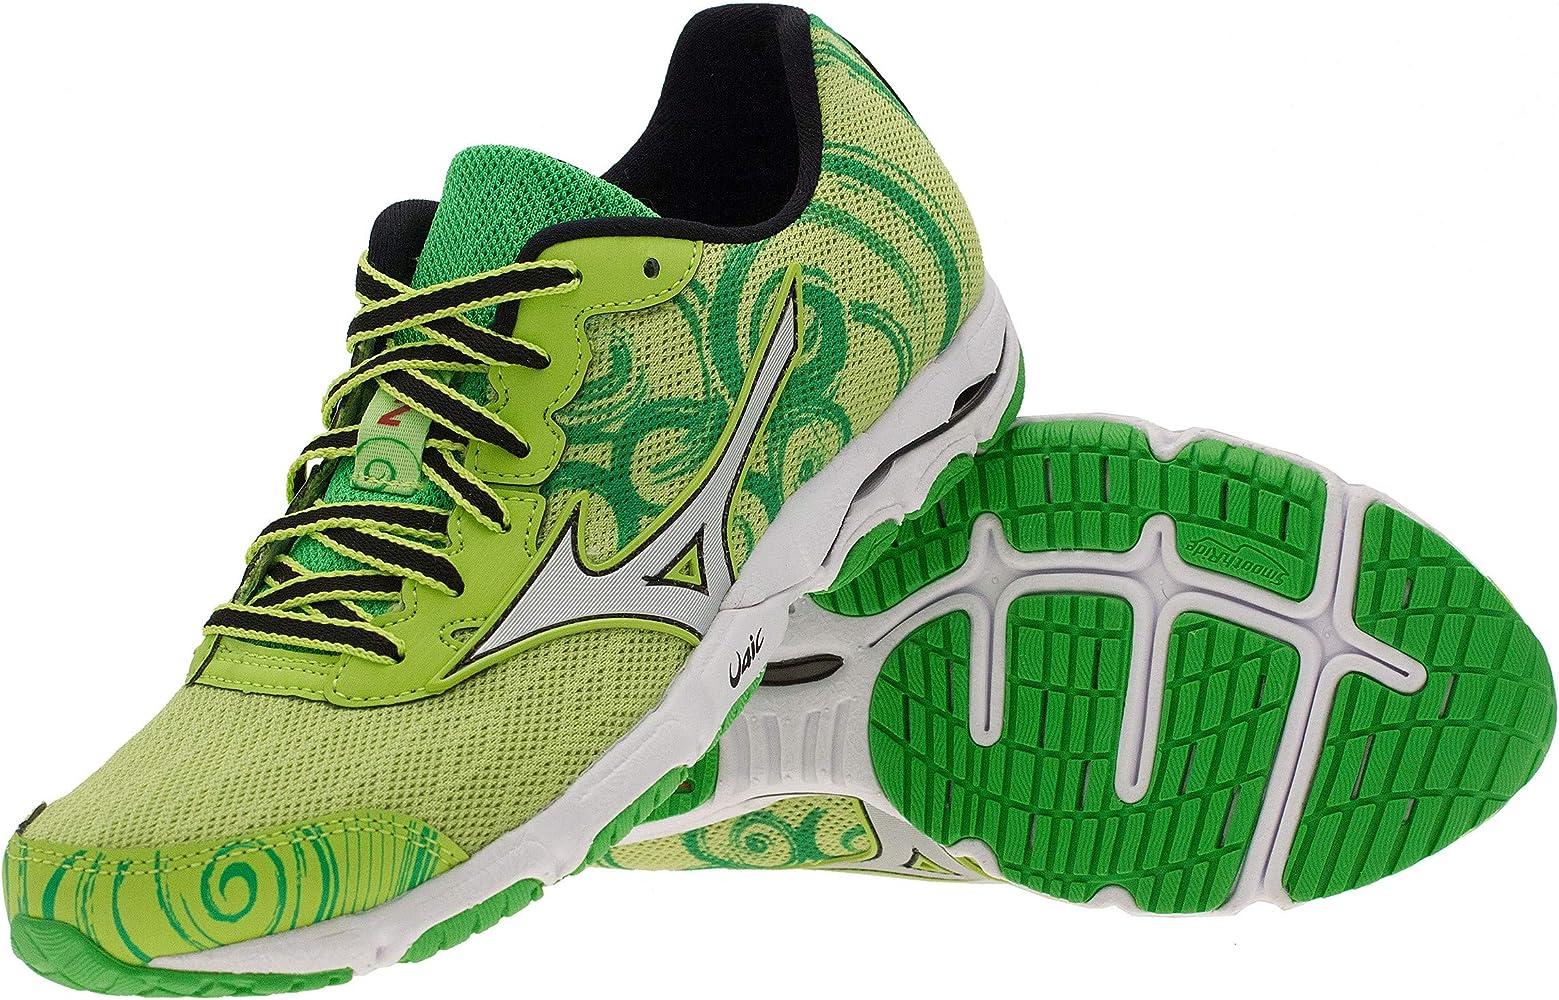 Mizuno - Zapatillas de Running de Material Sintético para Mujer Verde Verde, Color Gris, Talla 42 UE: Amazon.es: Zapatos y complementos